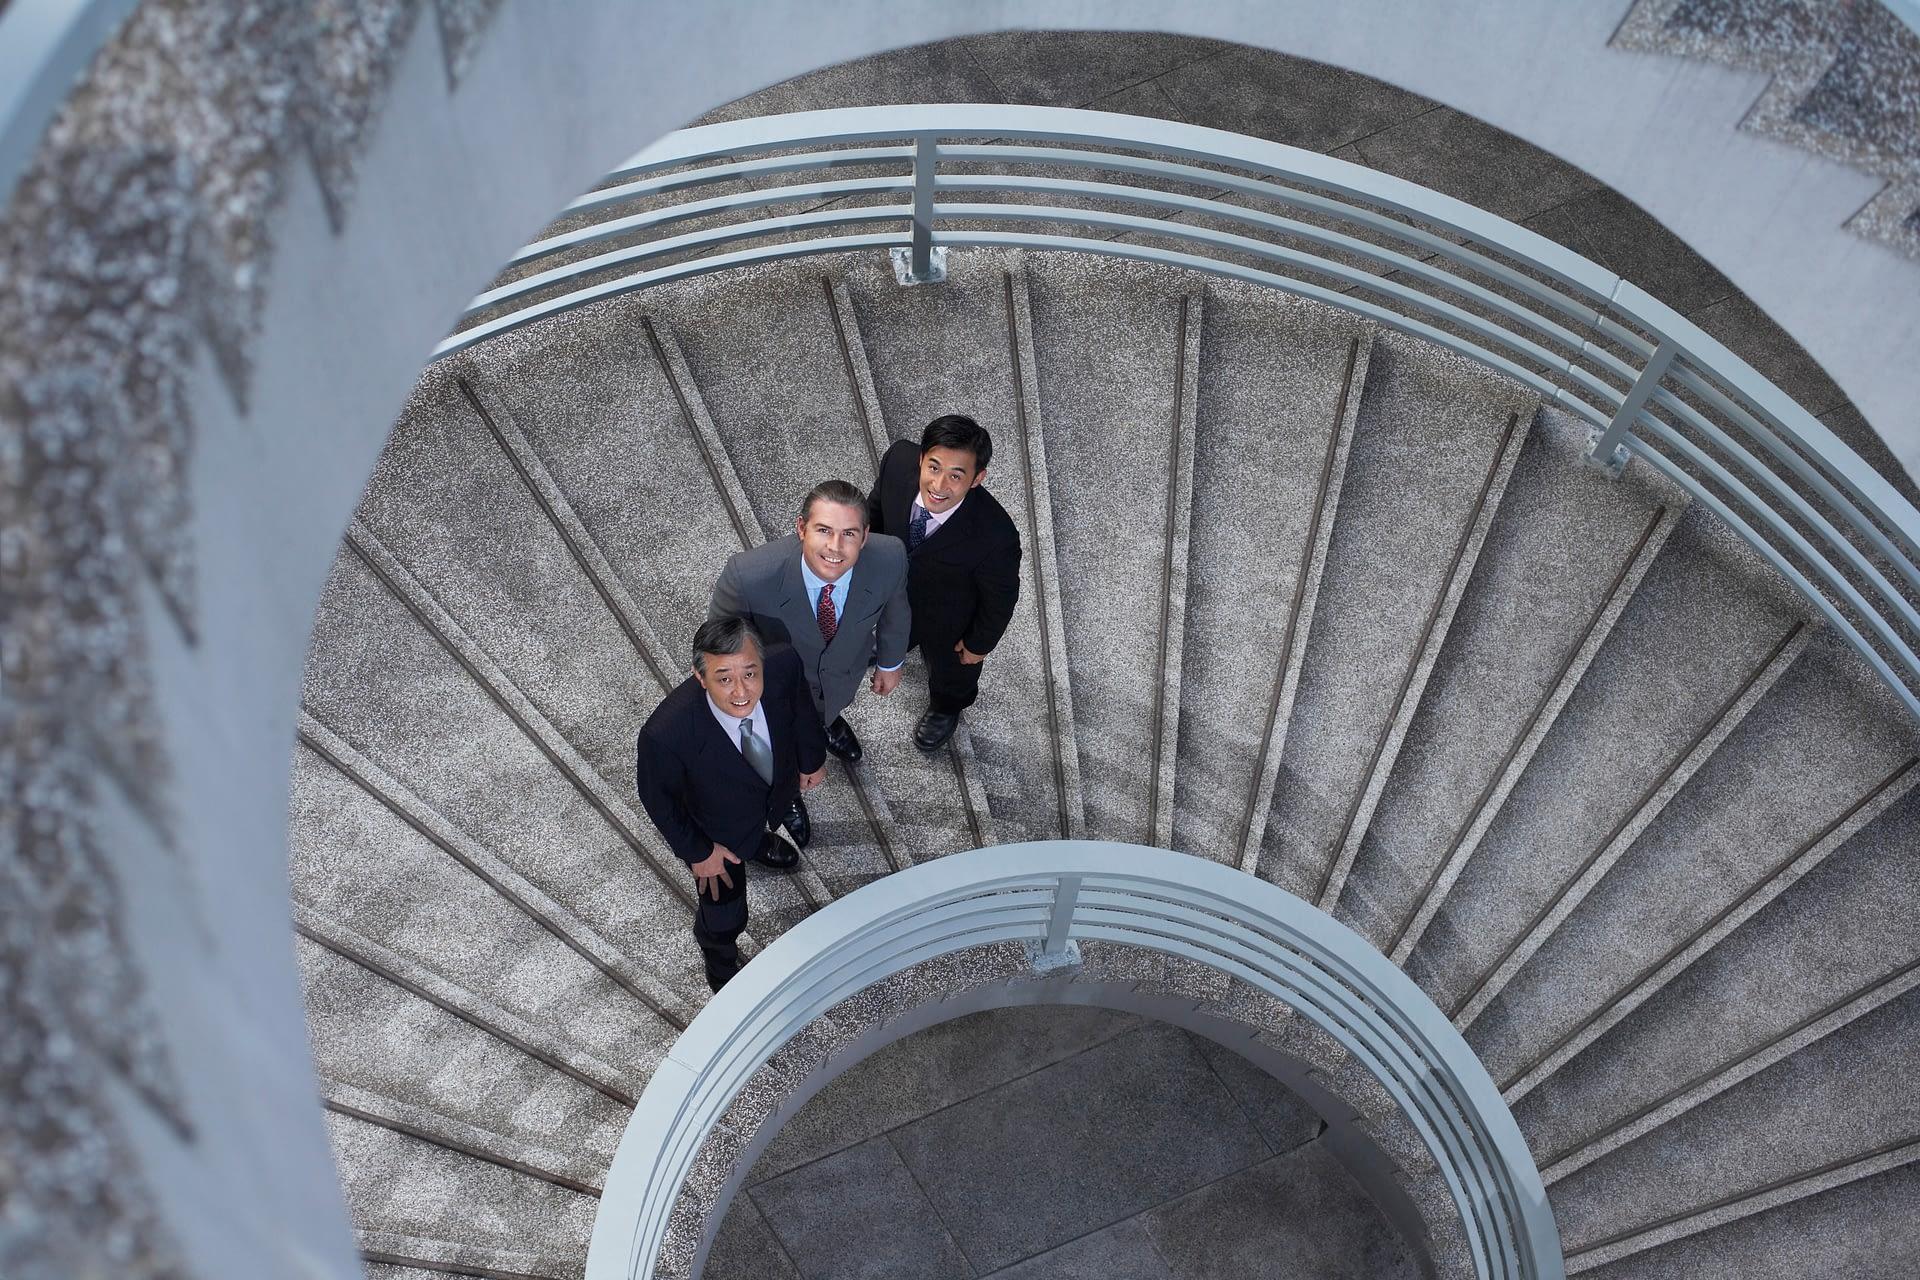 GB-stairs-MWP0030898.jpg